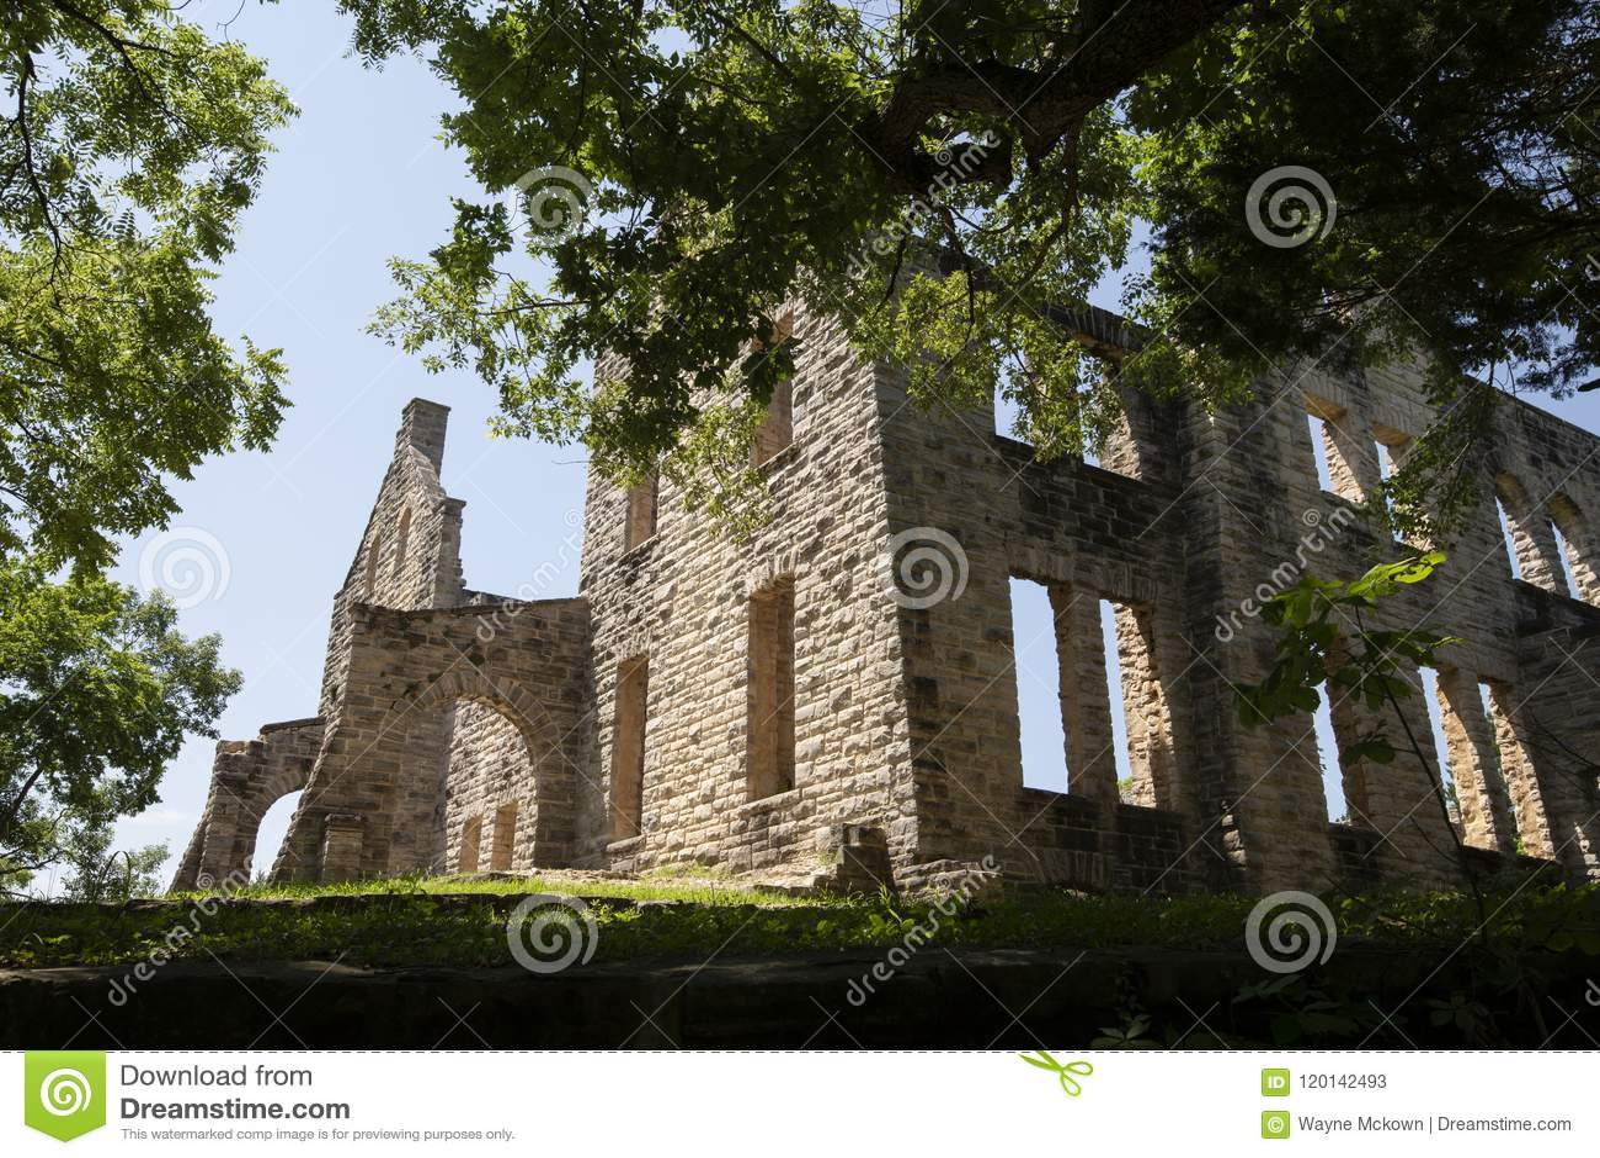 Slottet ha fördärvar tonka